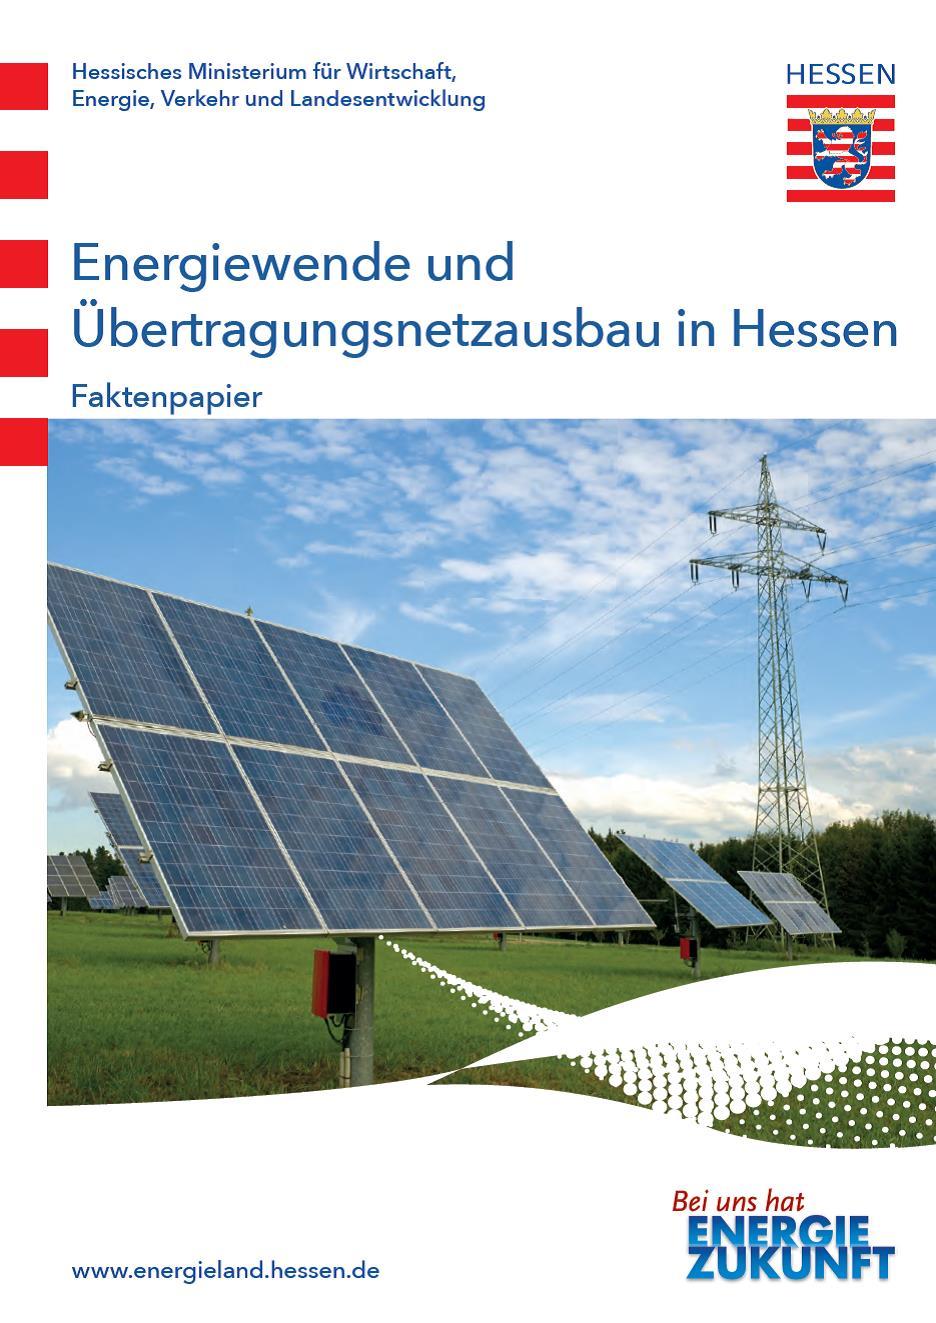 PDF: Faktenpapier Energiewende und Übertragungsnetzausbau in Hessen